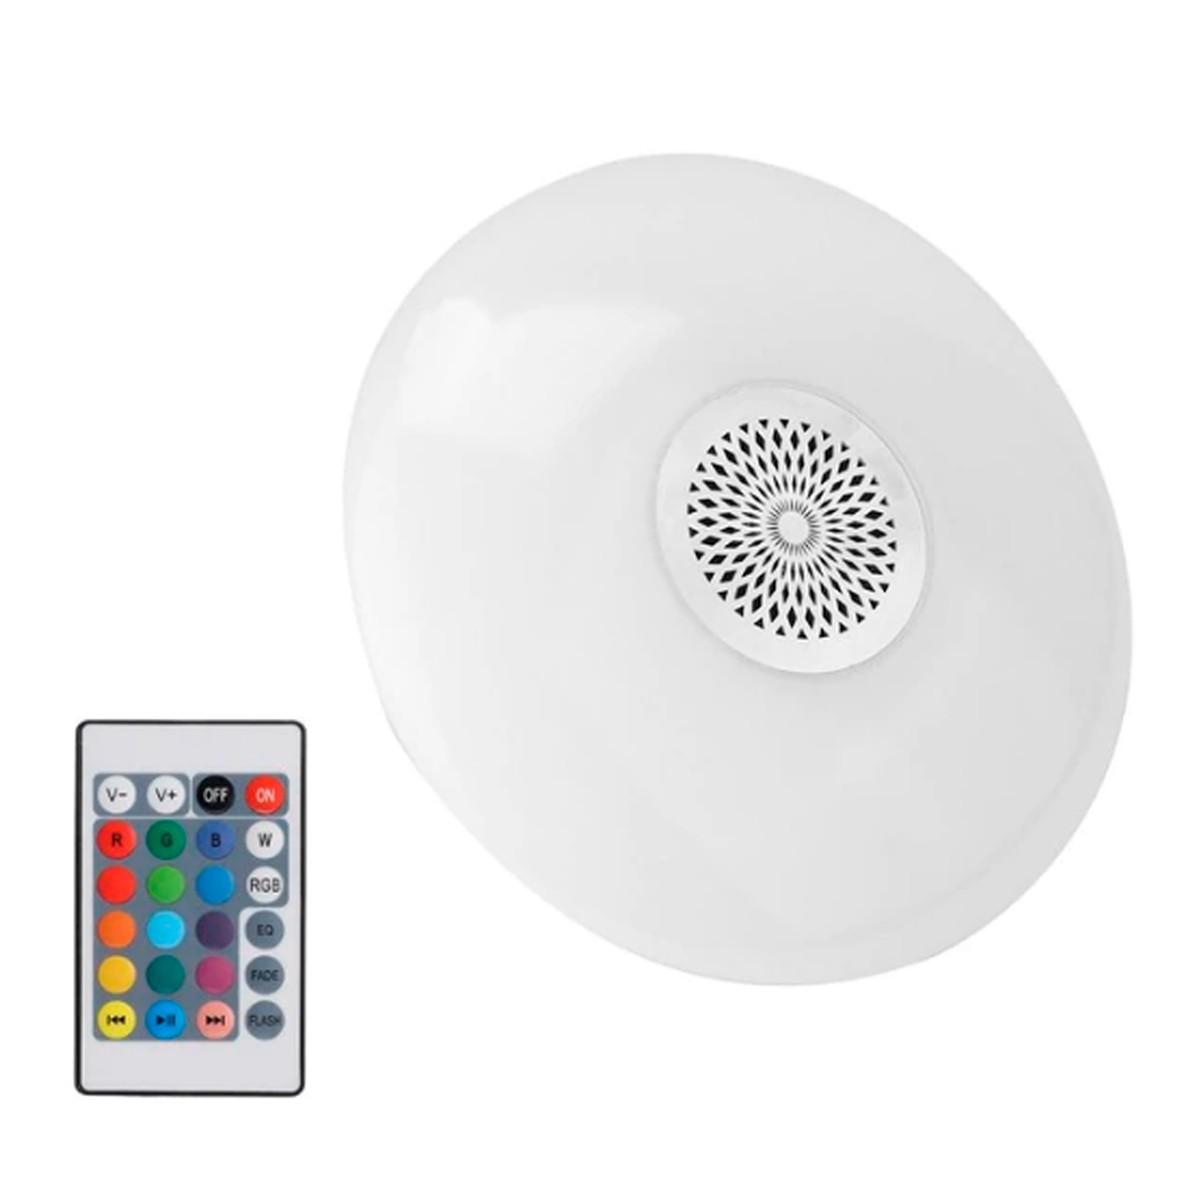 Lâmpada UFO Colorida Musical via Bluetooth Potente 24W com Controle Remoto